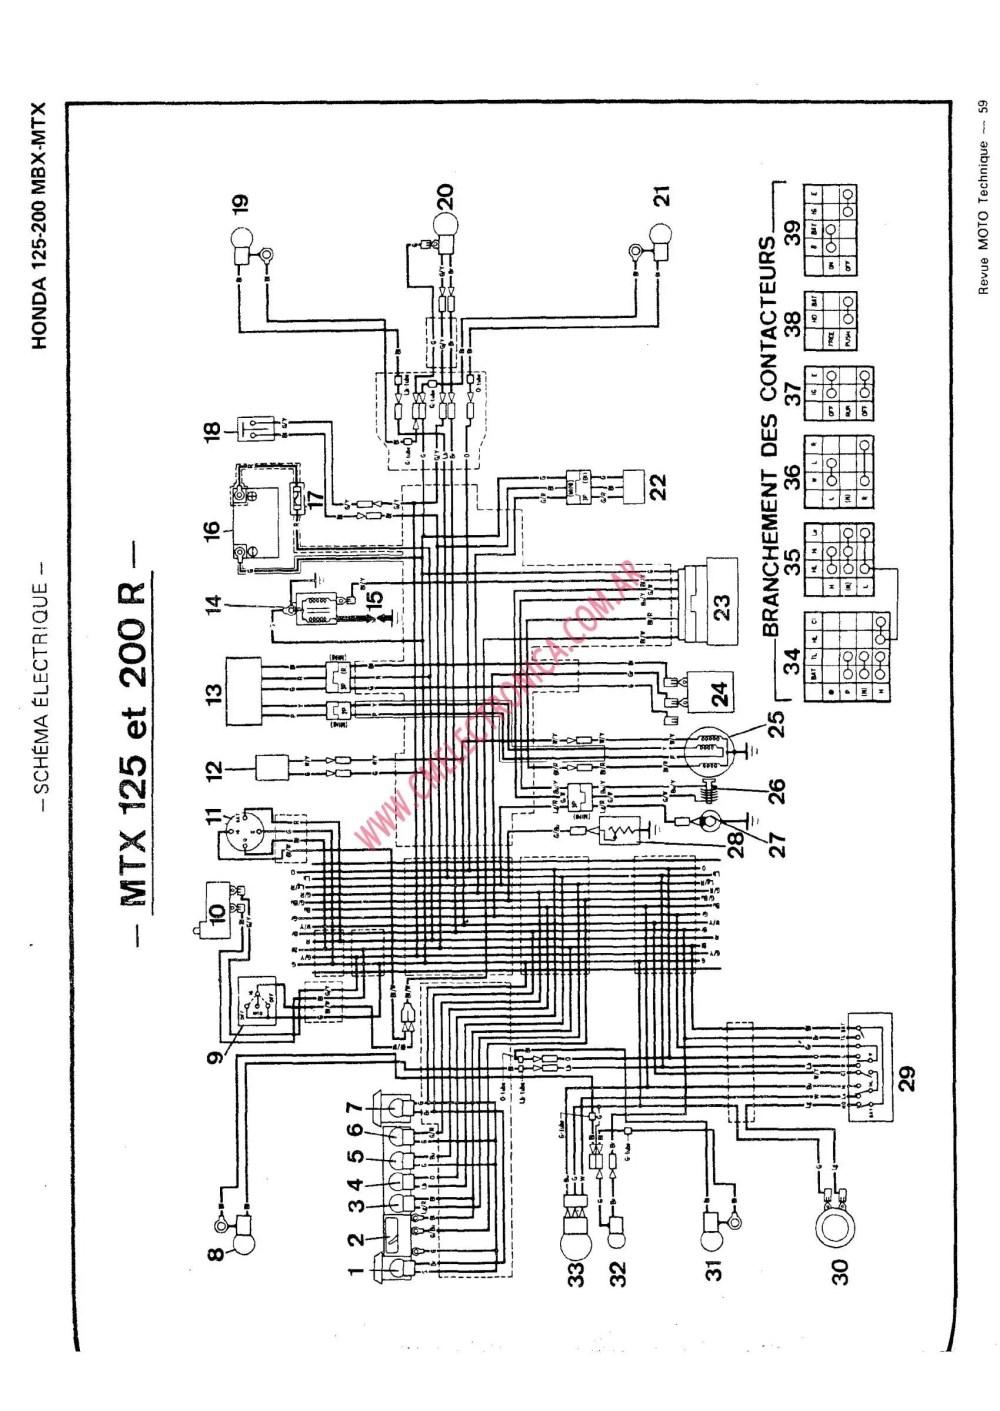 medium resolution of honda mbx125